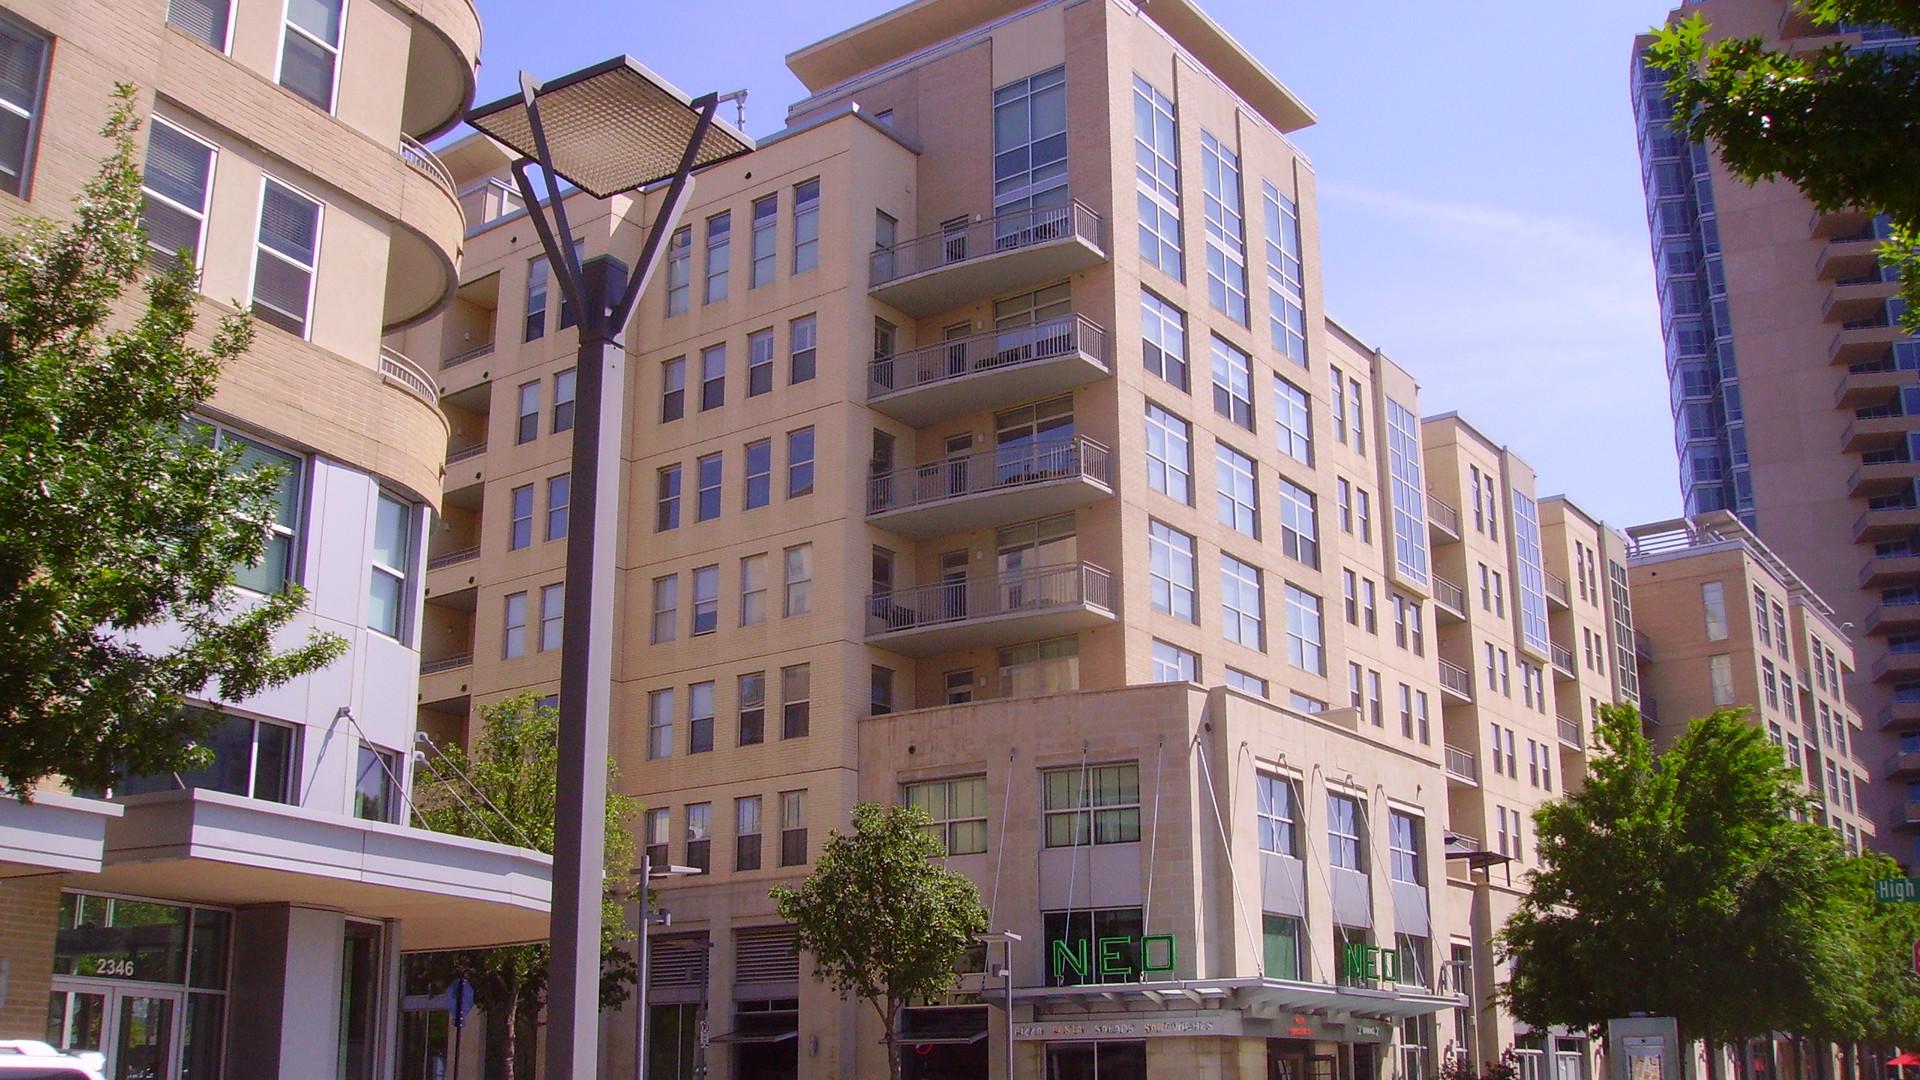 Terraces Condos & Retail, Victory Park